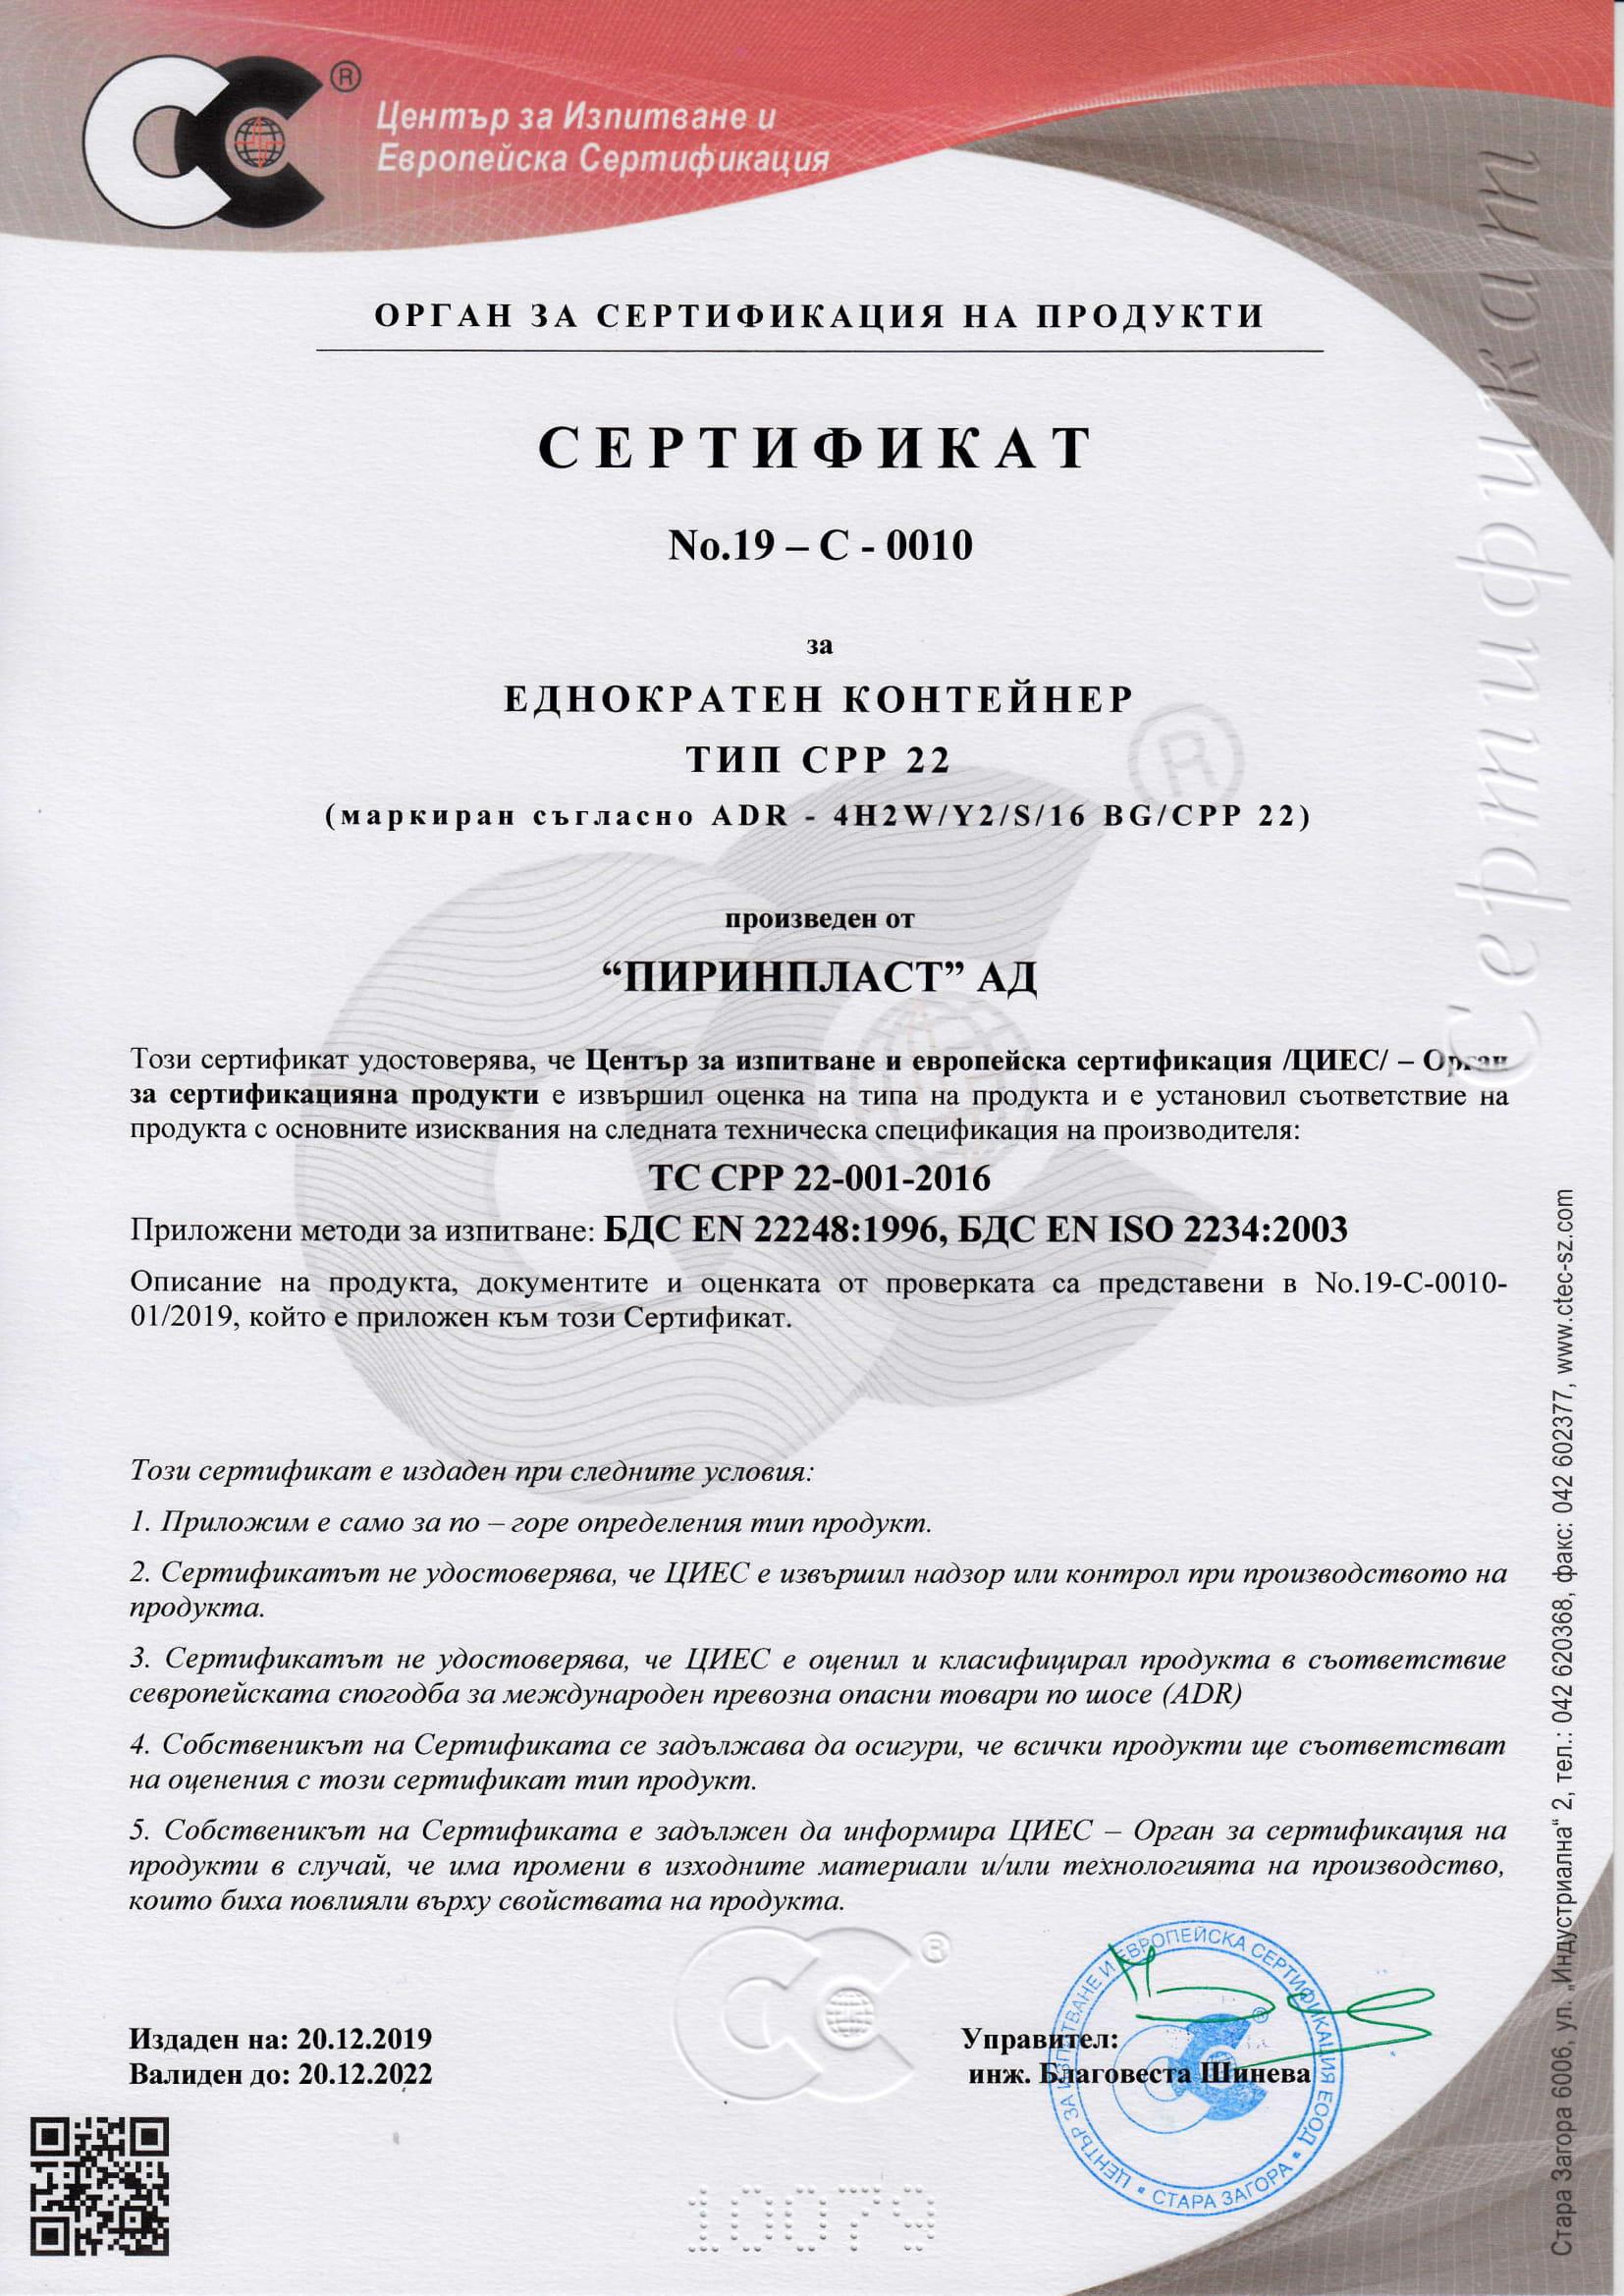 Сертификат СРР 22-1